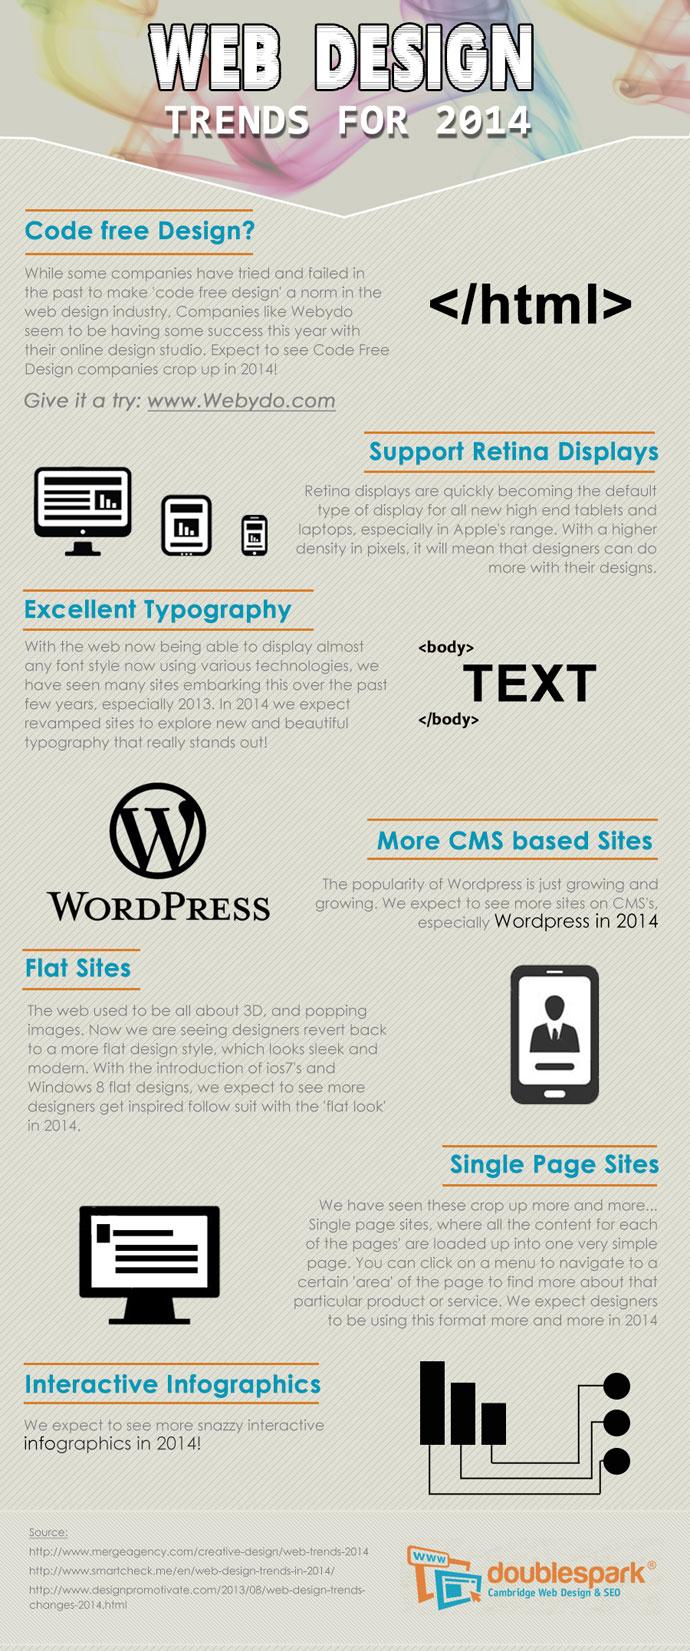 web-design-trends-for-2014_52608d1de0b45